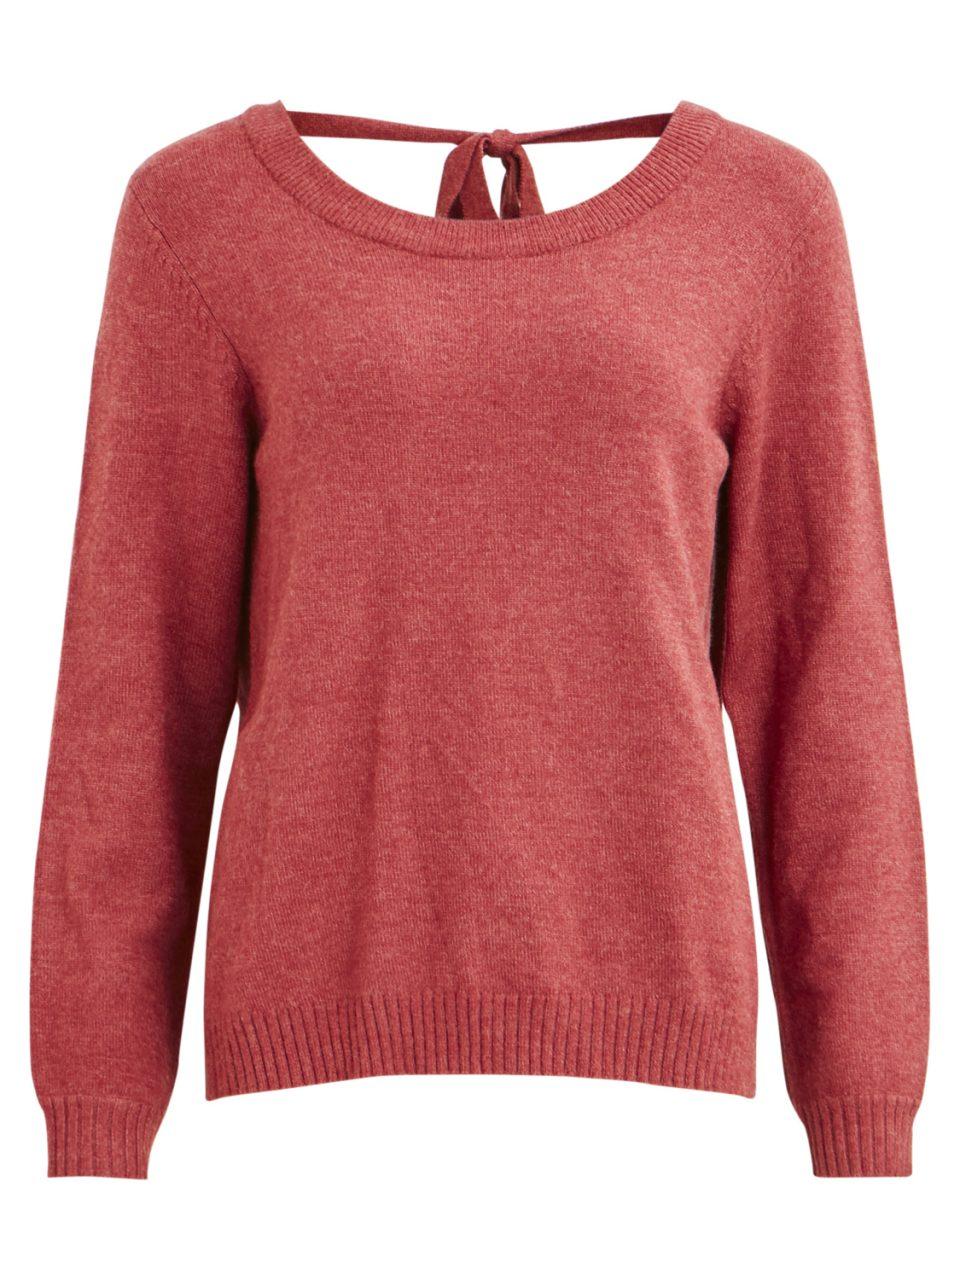 7bdfbfb6 Rød, rosa strikkegenser fra Vila, genser med åpen rygg, v-utrigning bak